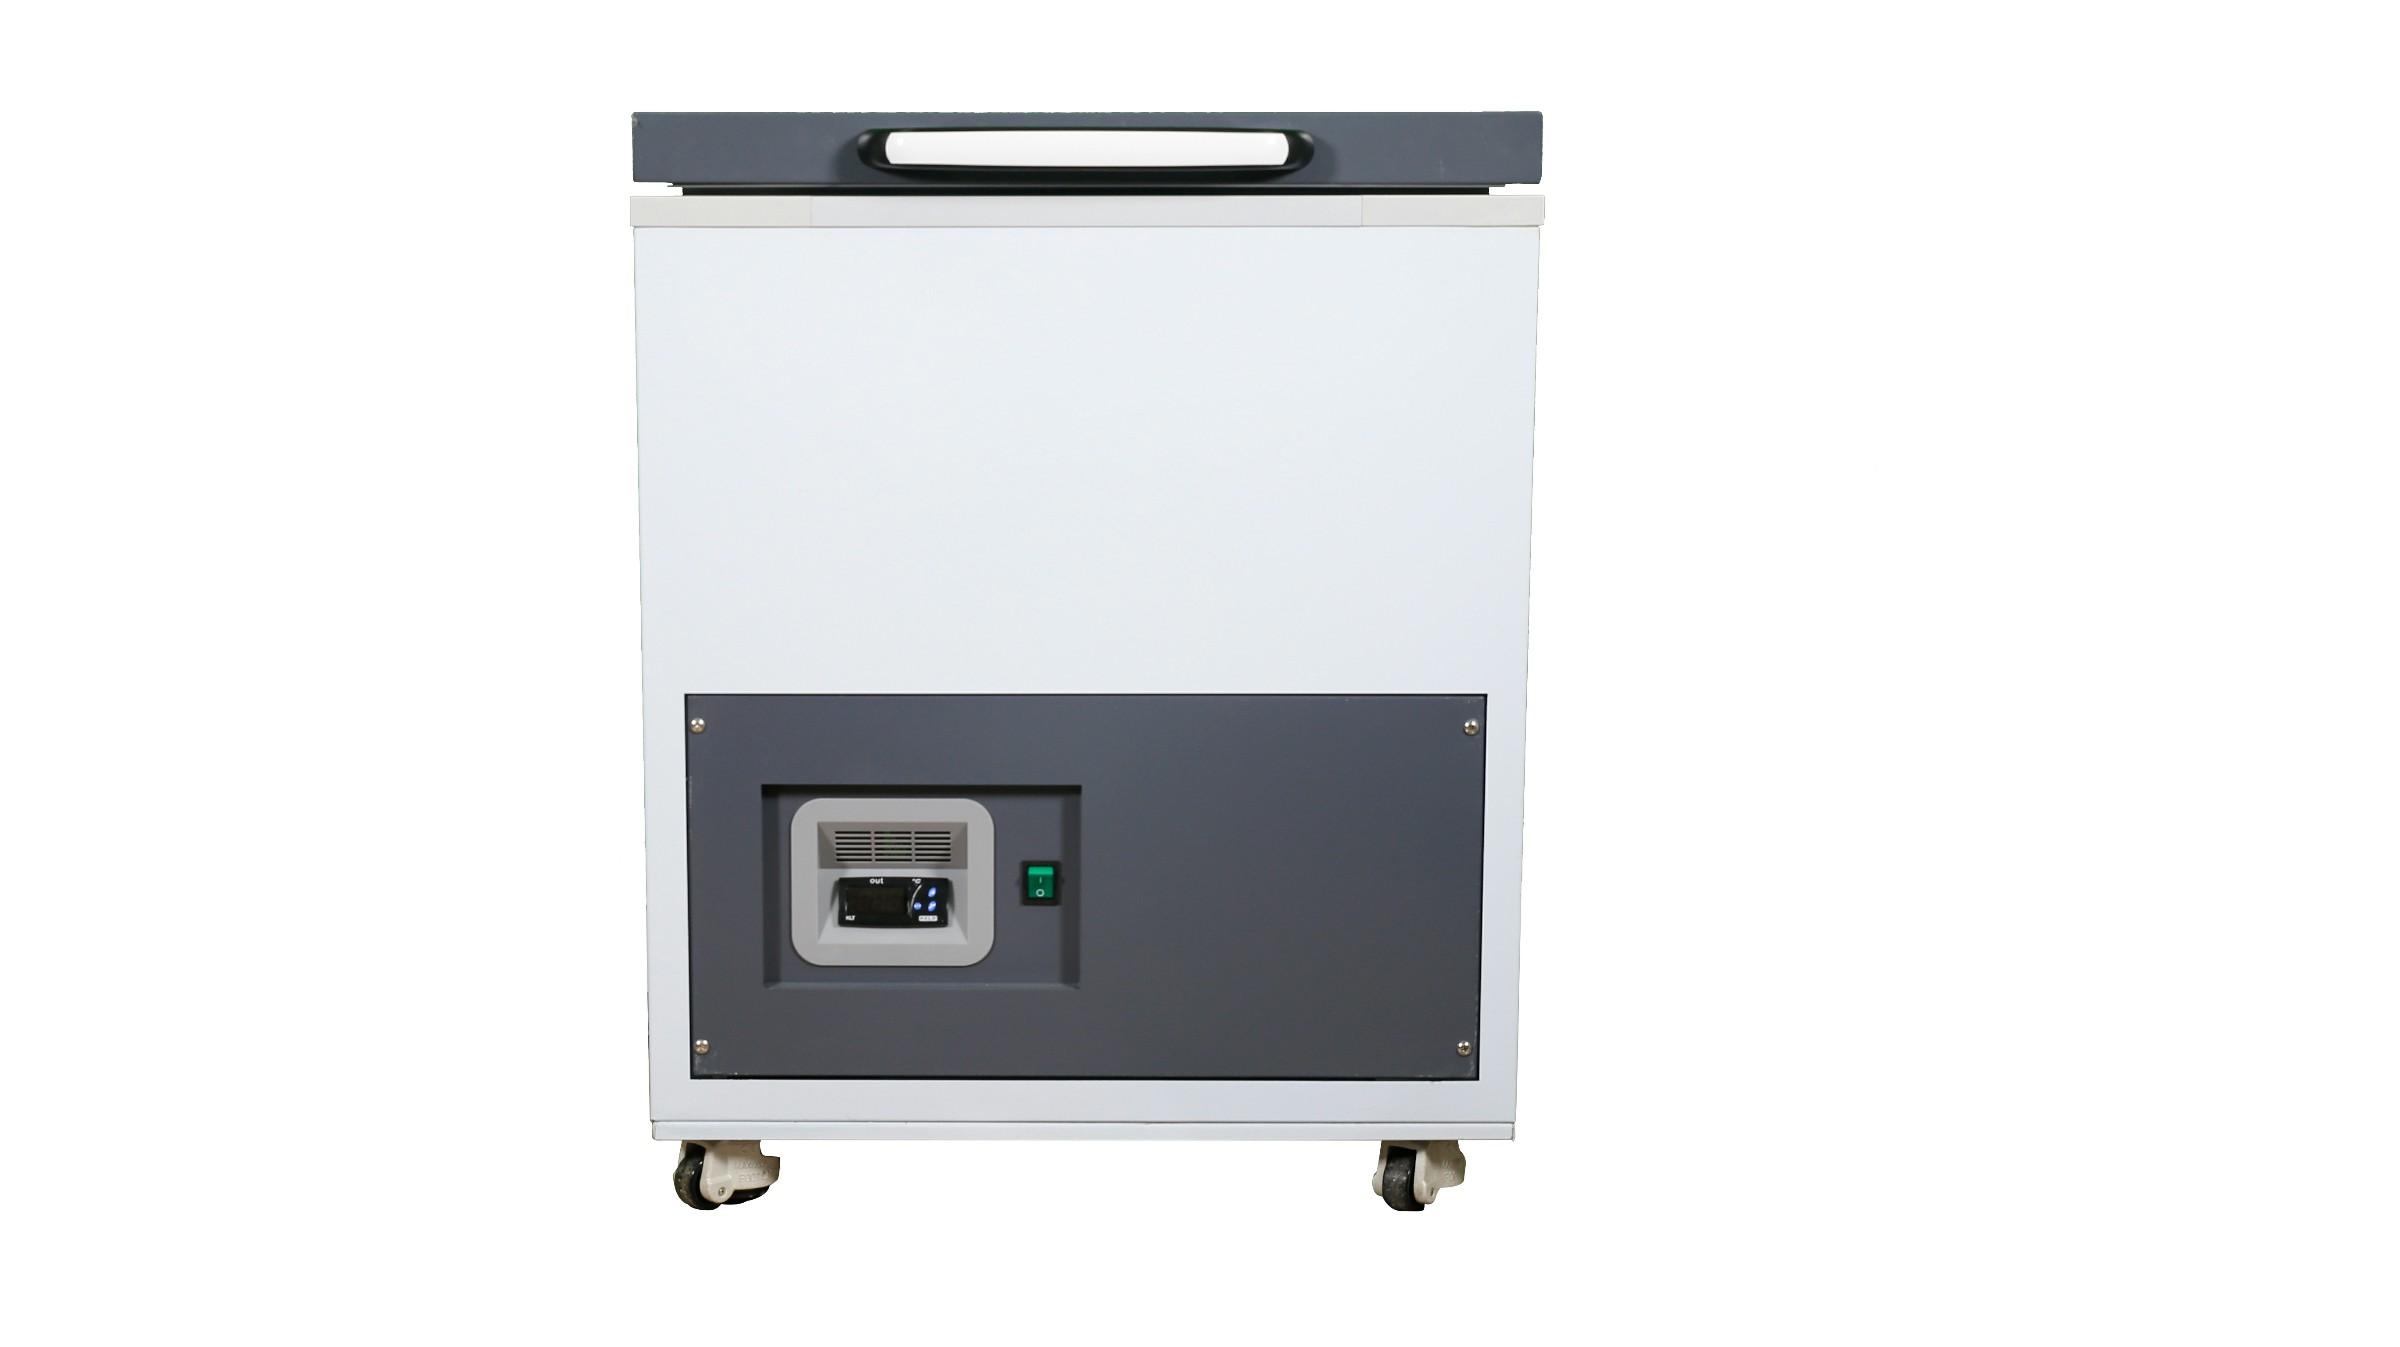 供应广东厂家直销的-180度冷冻机-优质的冰箱